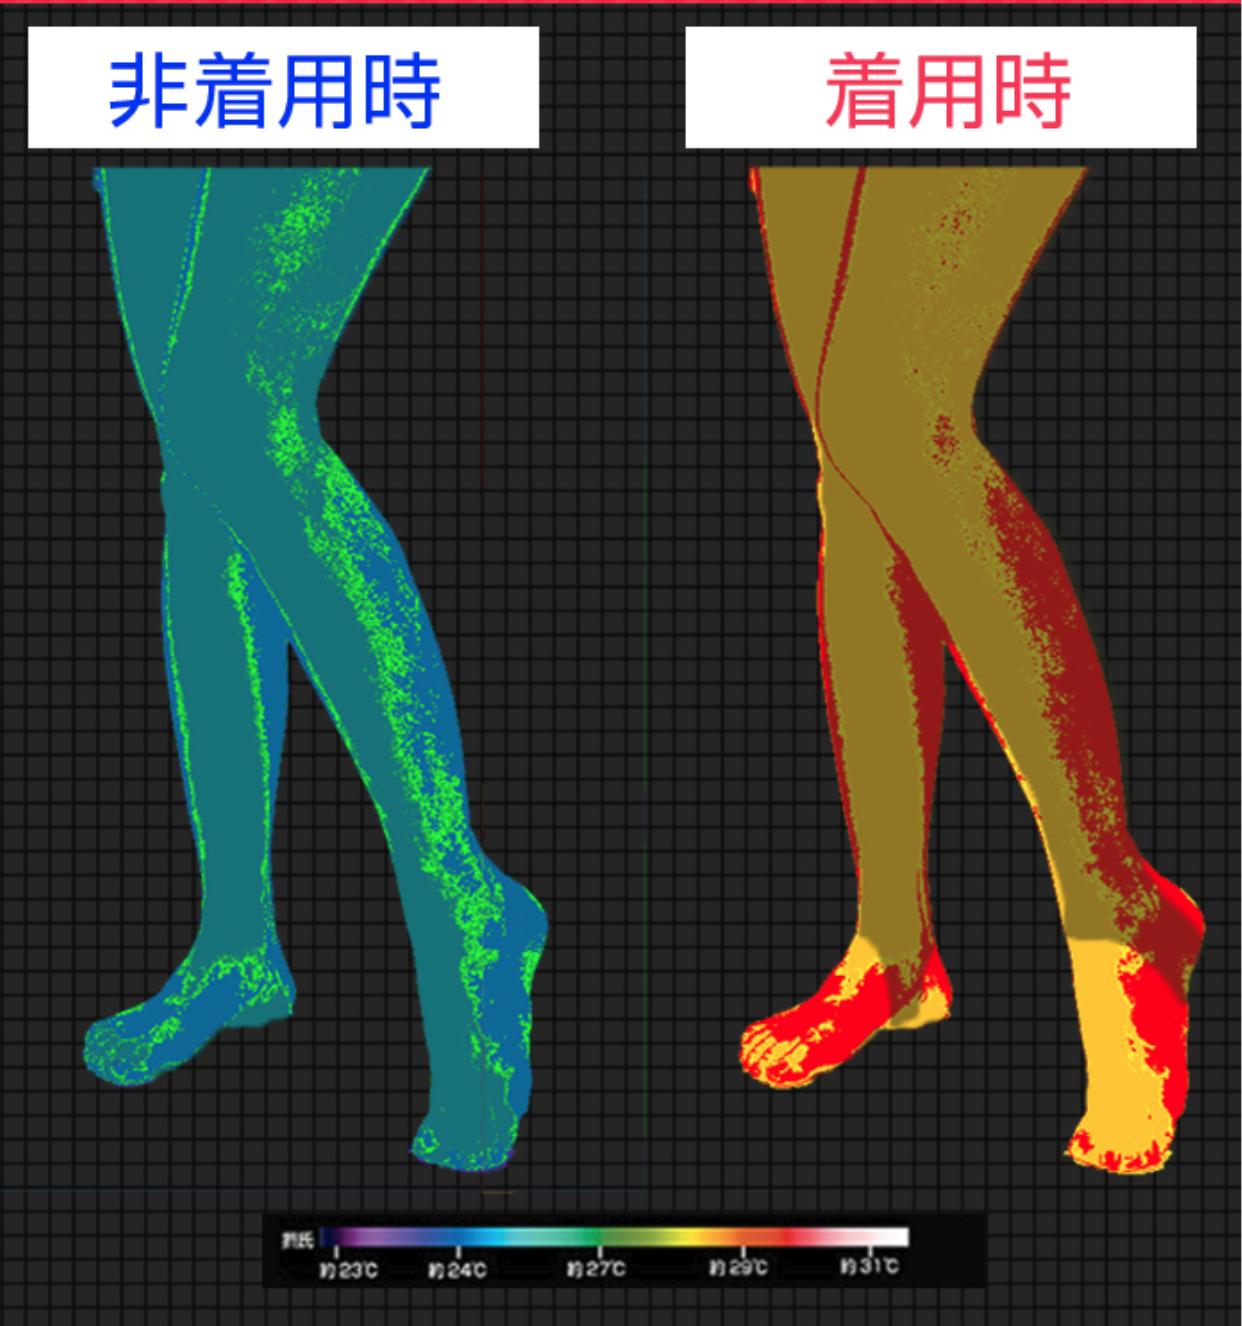 レグスリマーメイクトレンカの着用時サーモグラフィ画像